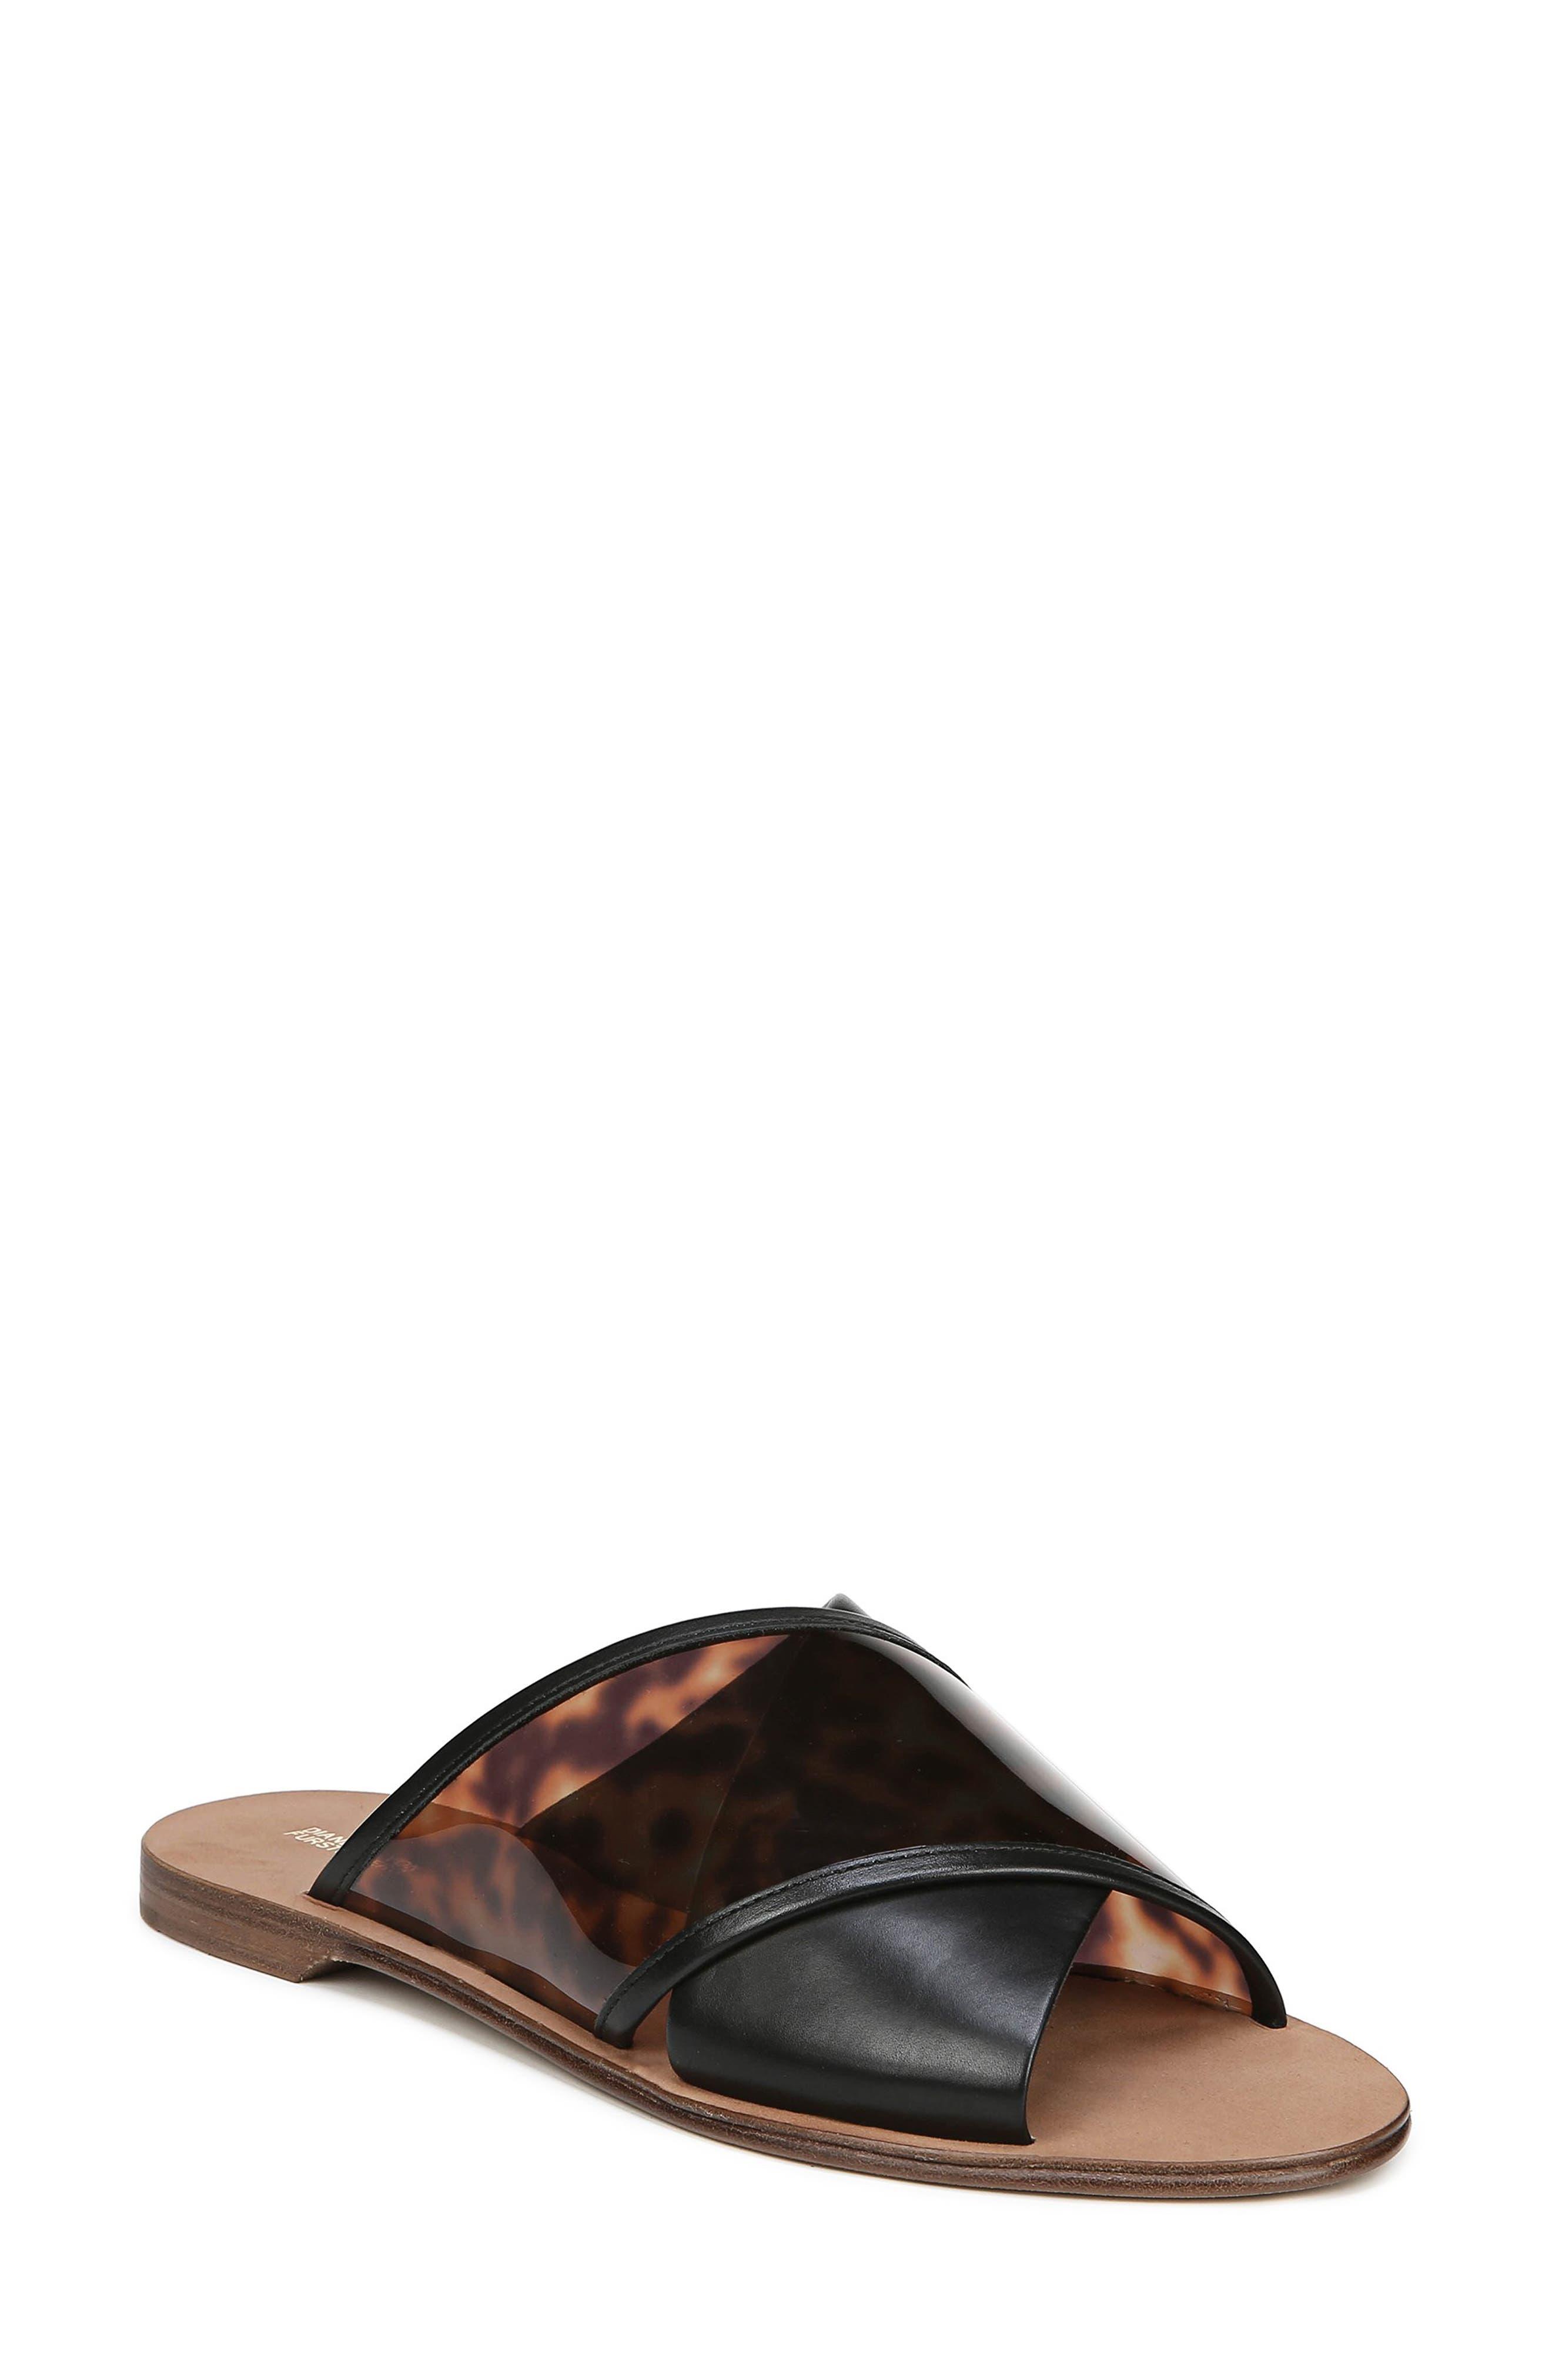 Bailie 4 Sandal, Main, color, BLACK MULTI